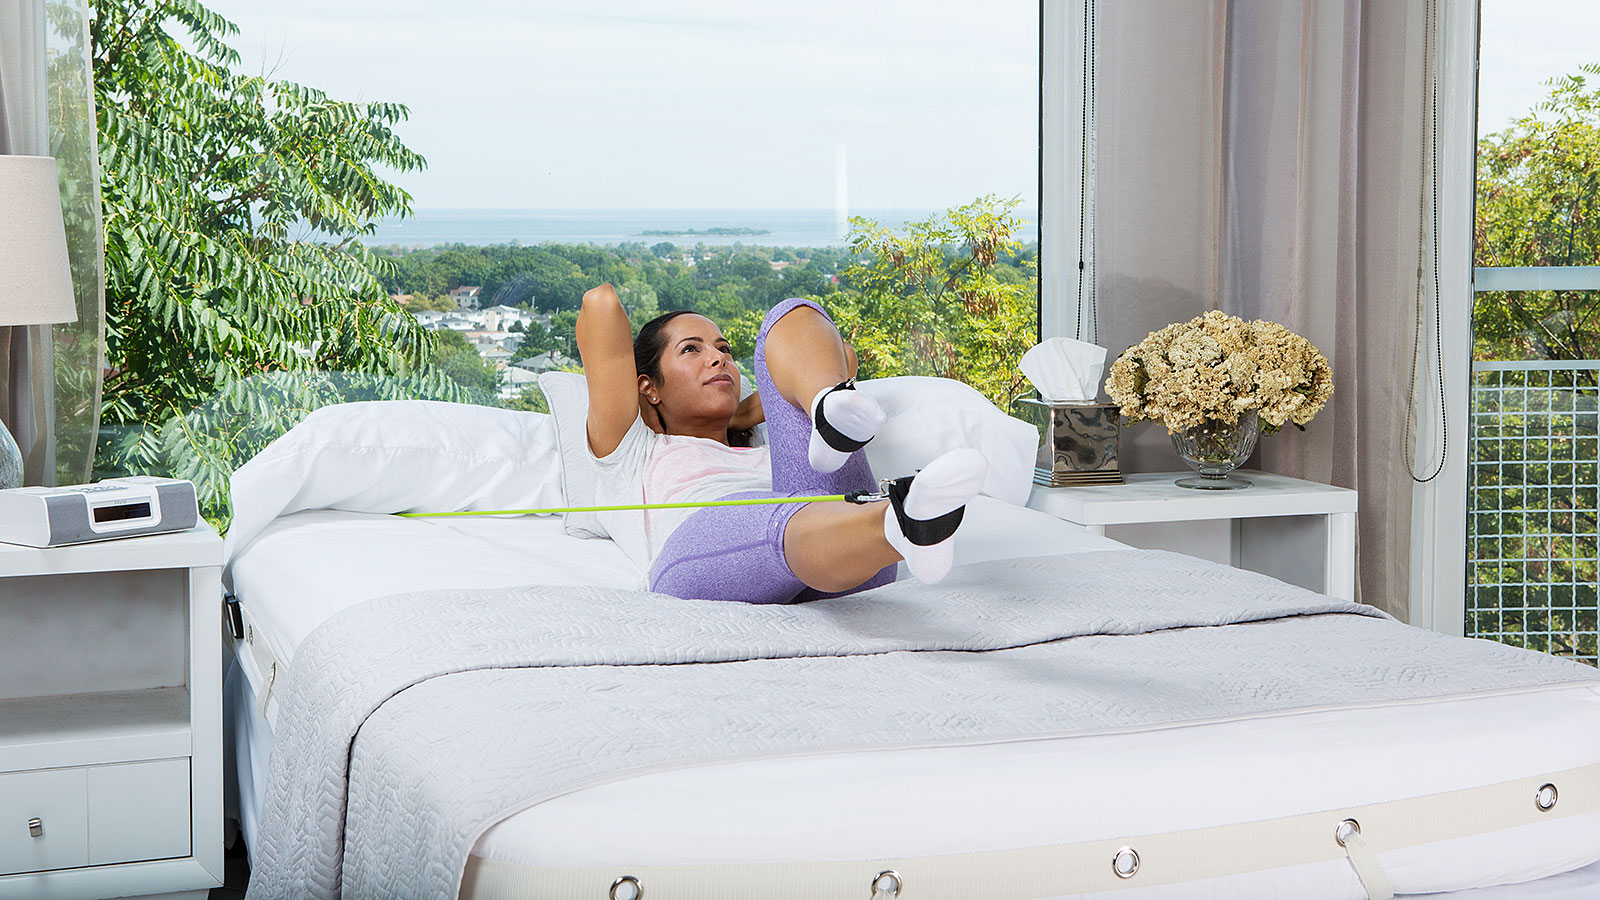 पेट की चर्बी घटाने के लिए बिस्तर पर ही करें ये बेहतरीन एक्सरसाइज, जानें कैसे